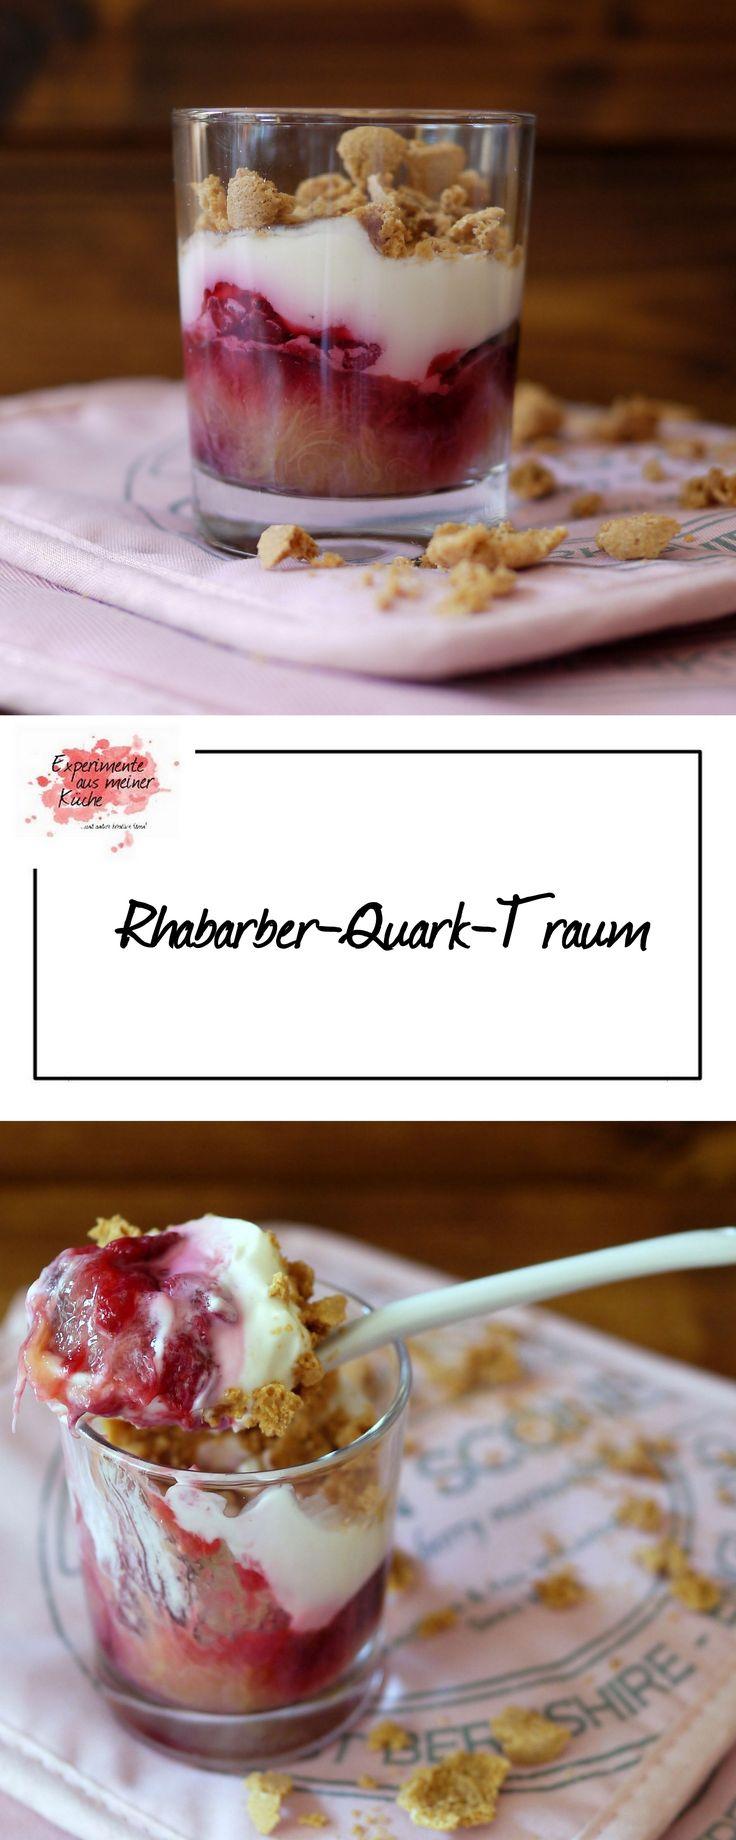 Experimente aus meiner Küche: Rhabarber-Quark-Traum